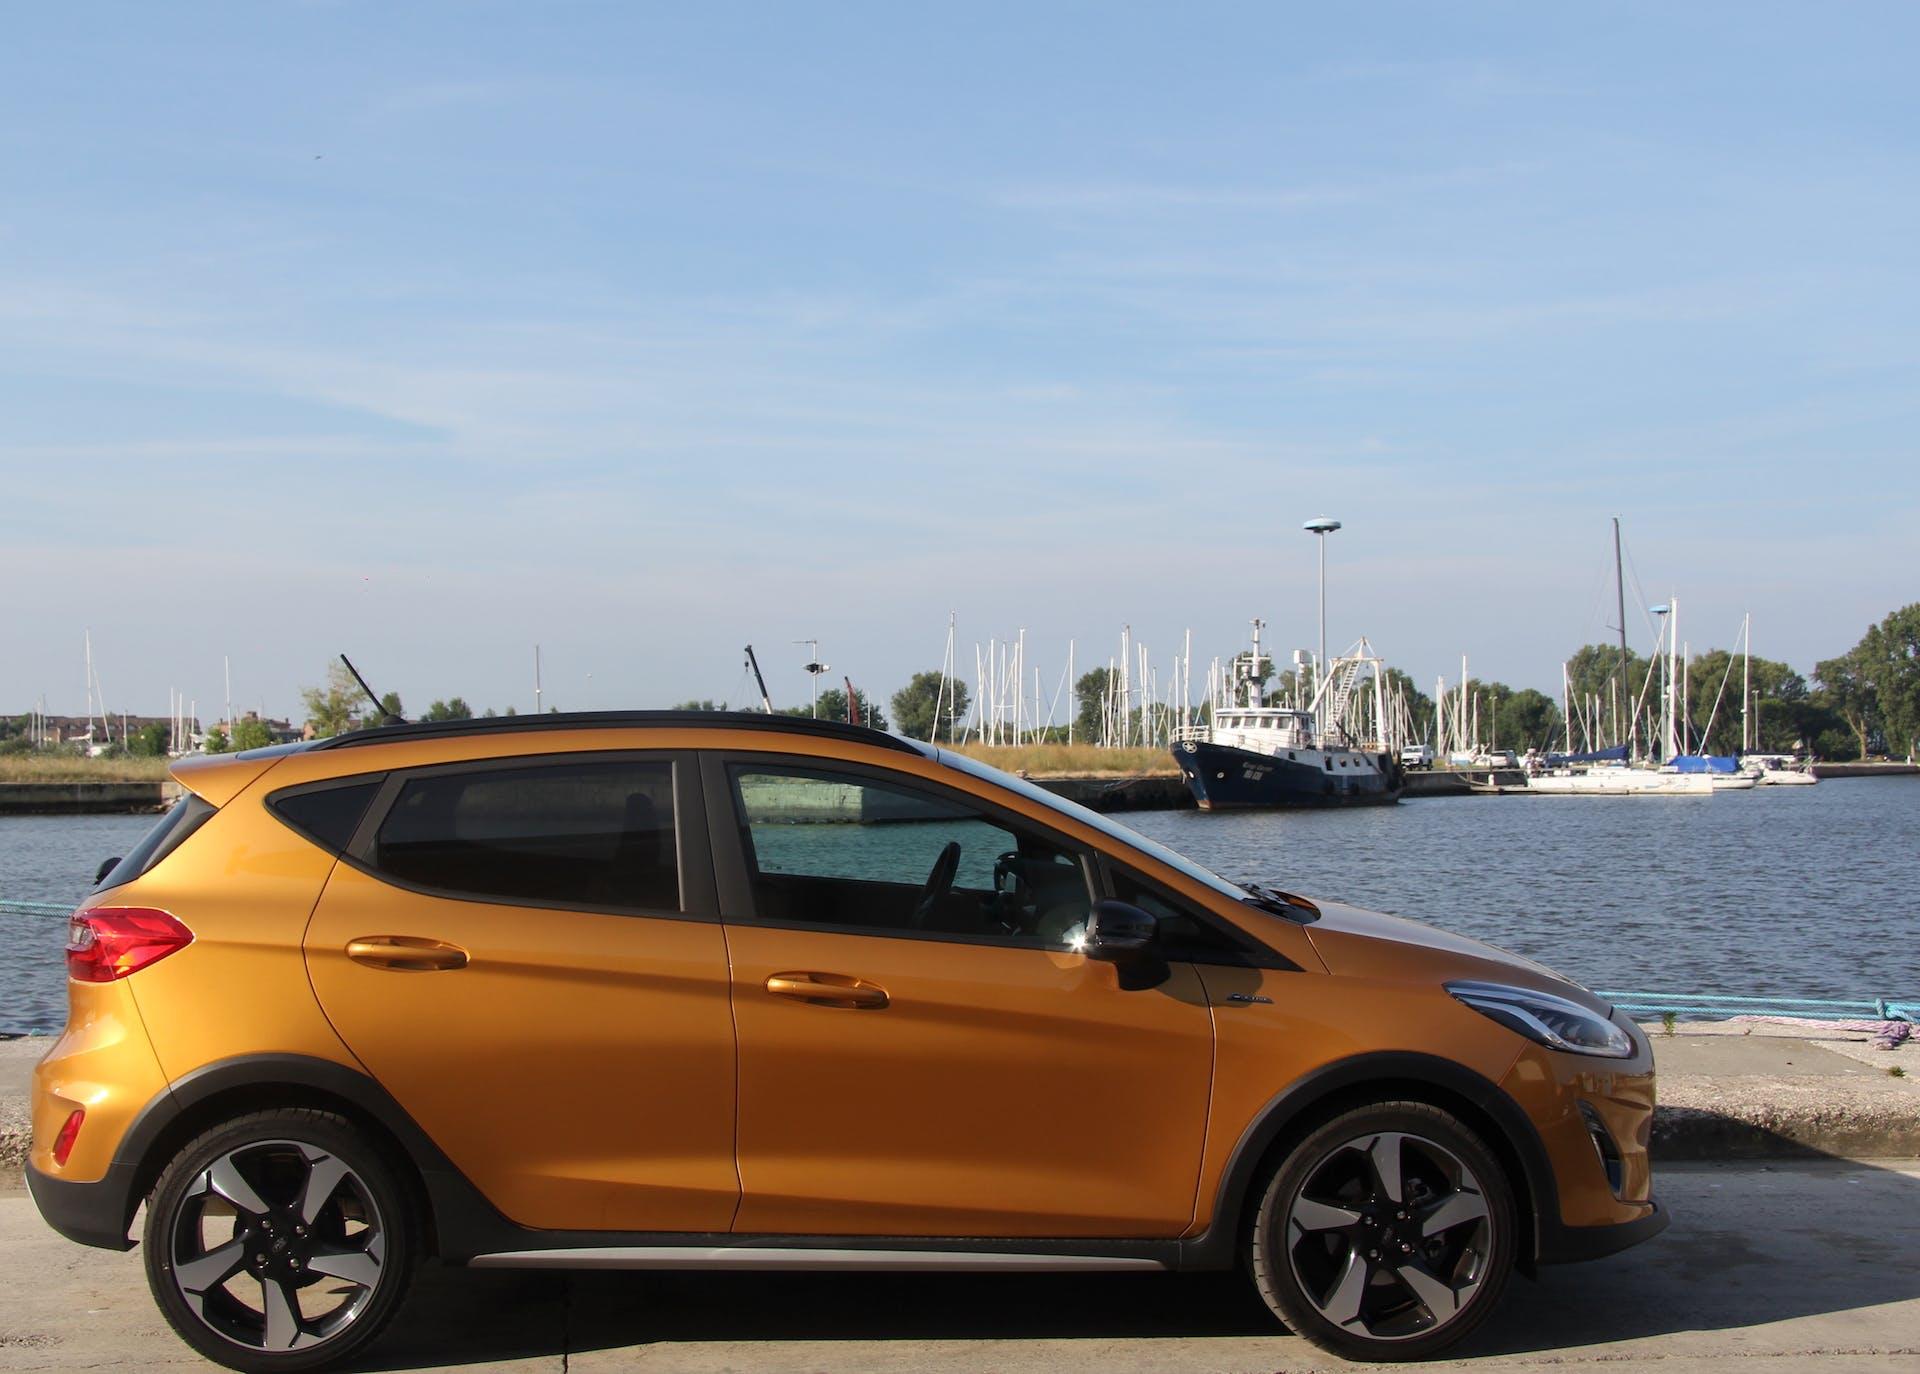 Ford Fiesta Active color terra bruciata vista laterale con un porto sullo sfondo